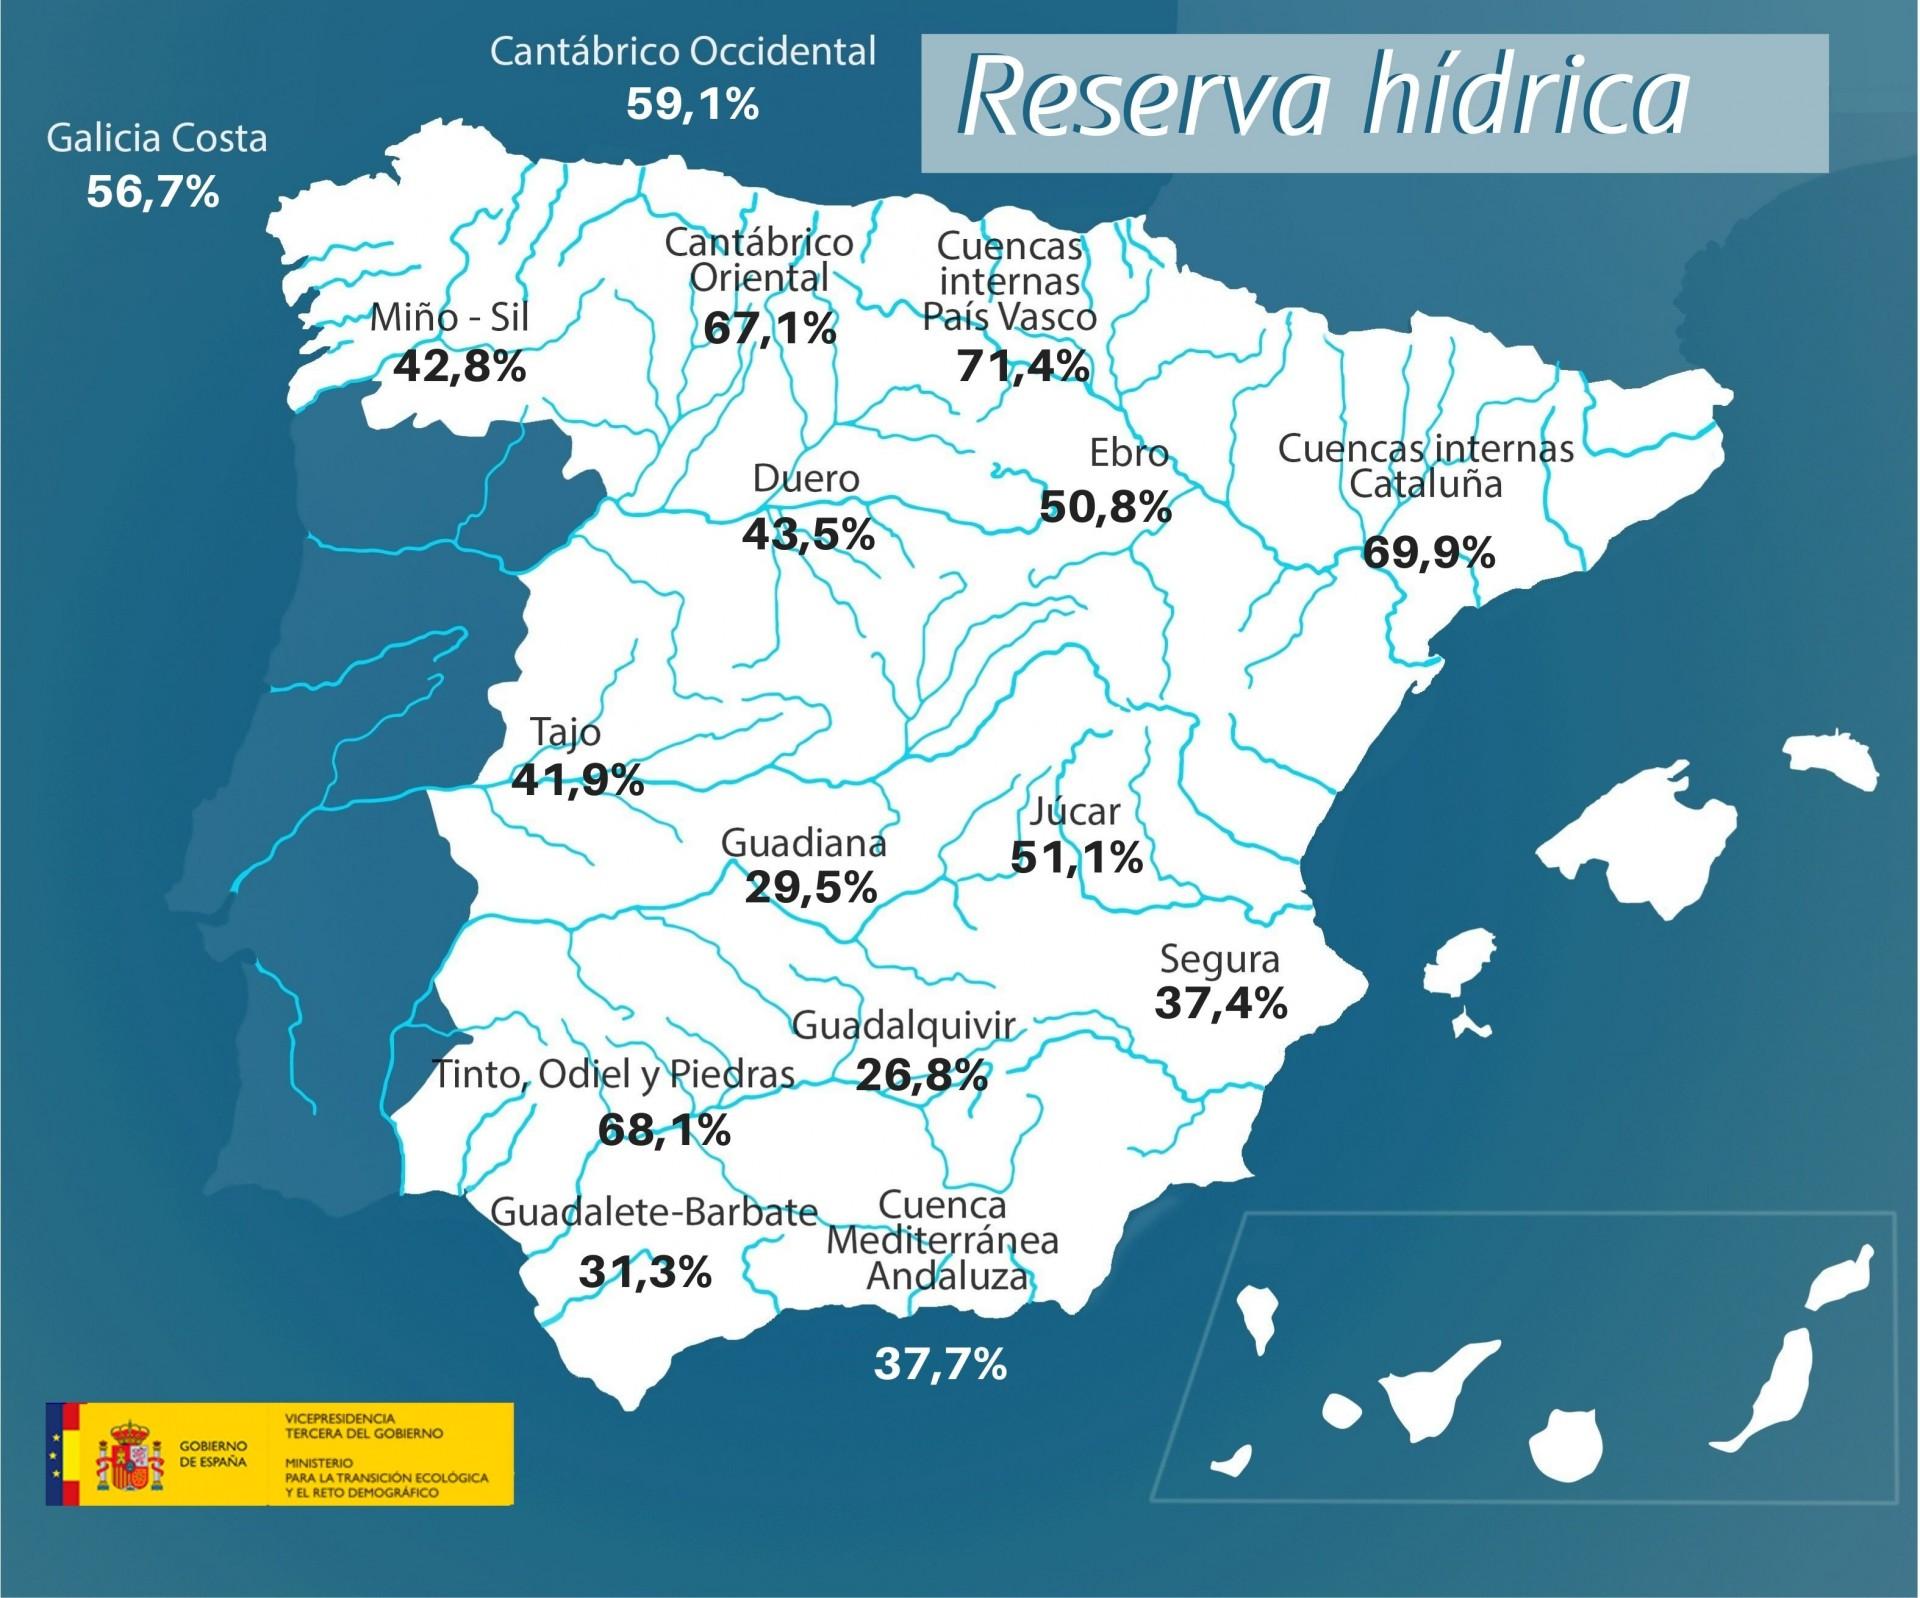 La reserva hídrica española se encuentra al 39,9 por ciento de su capacidad - 0